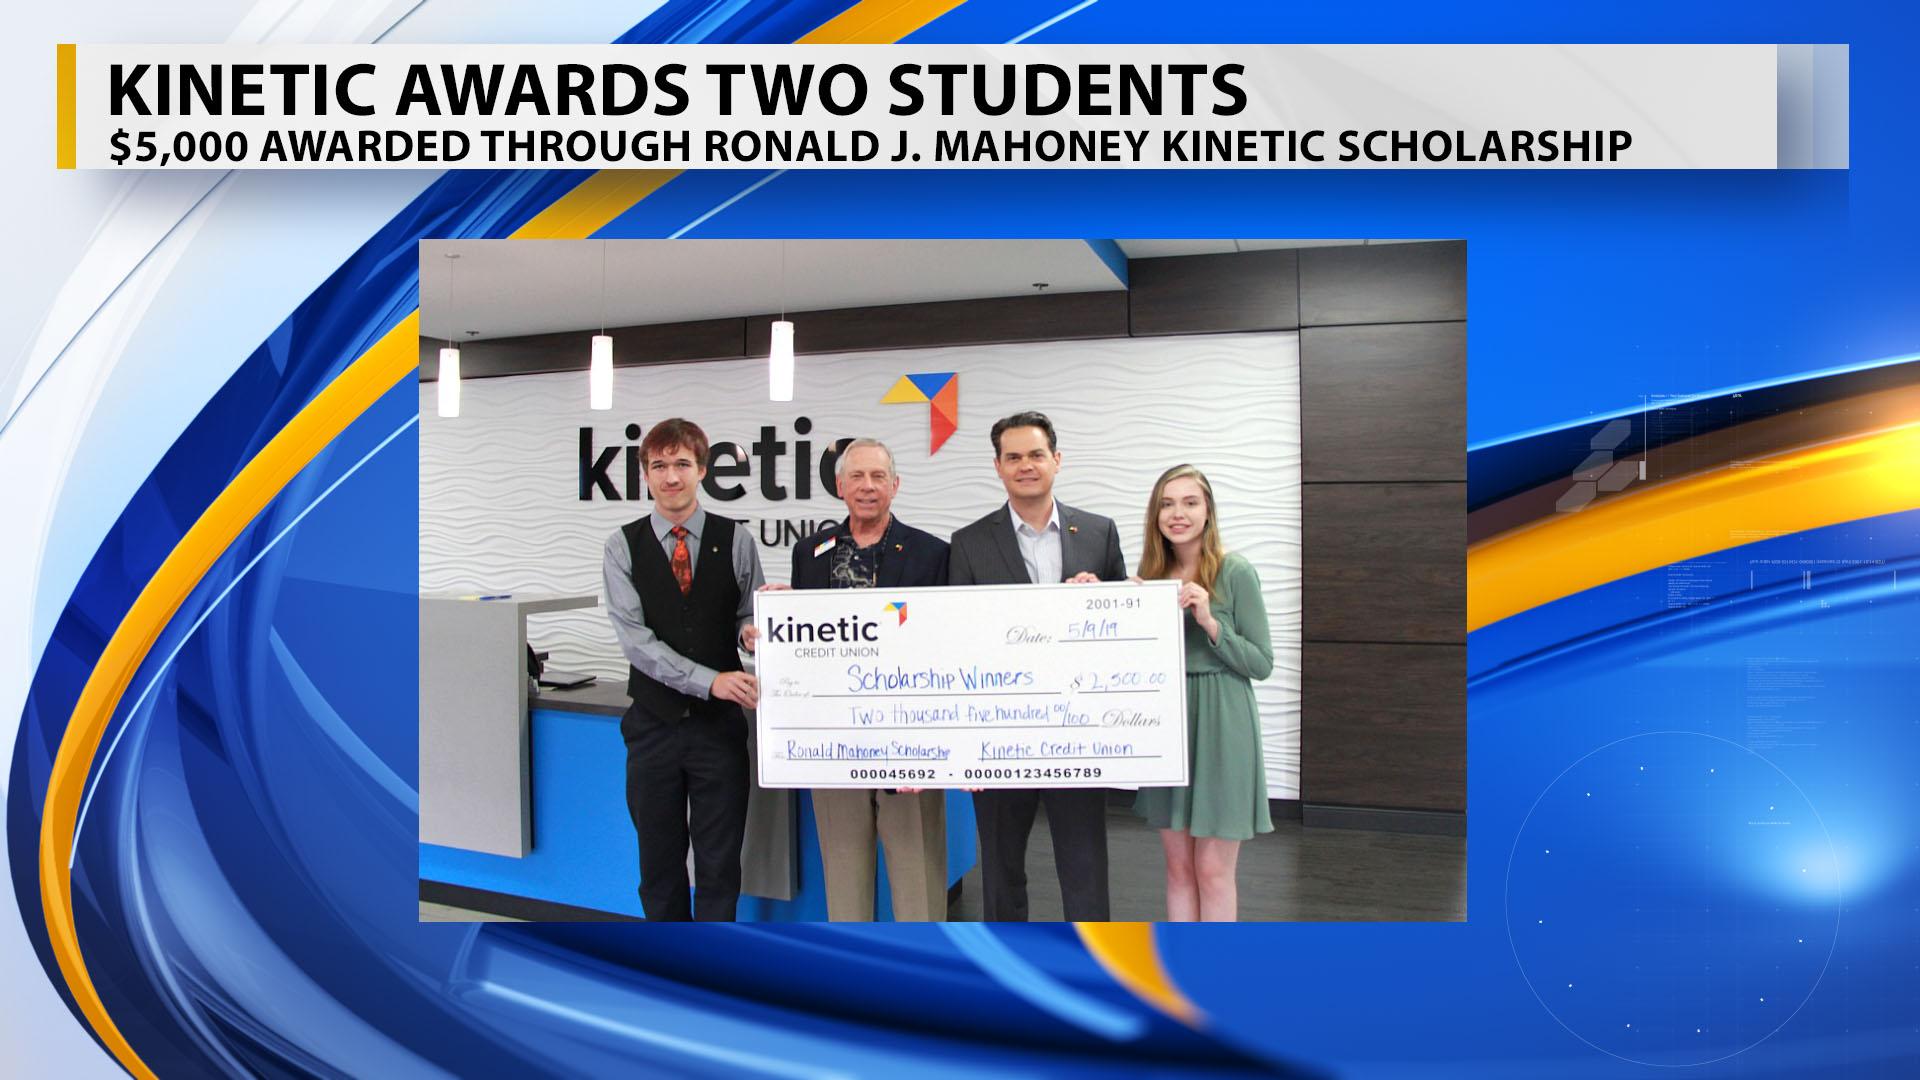 Kinetic Awards 5000 in scholarships_1557513148445.jpg.jpg